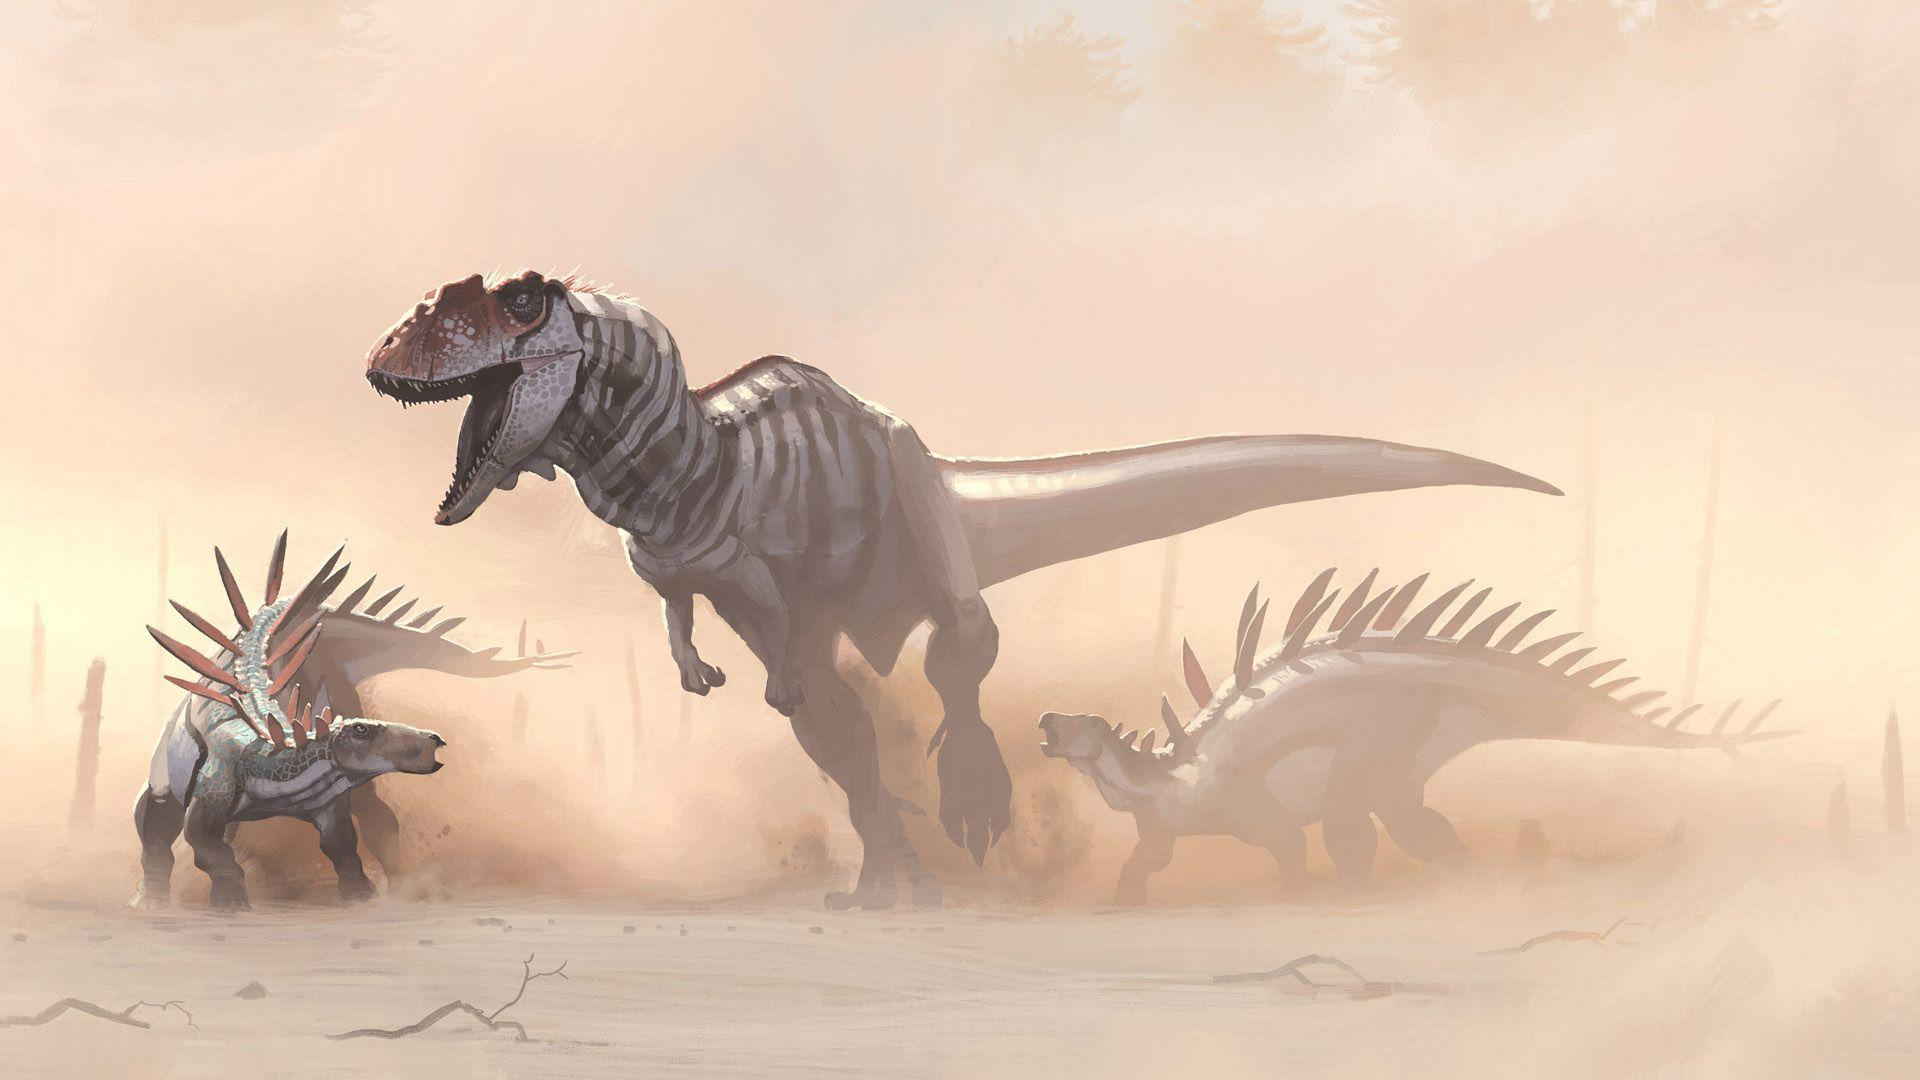 Simon Stålenhag Art Gallery | Dinosaur art, Prehistoric ...